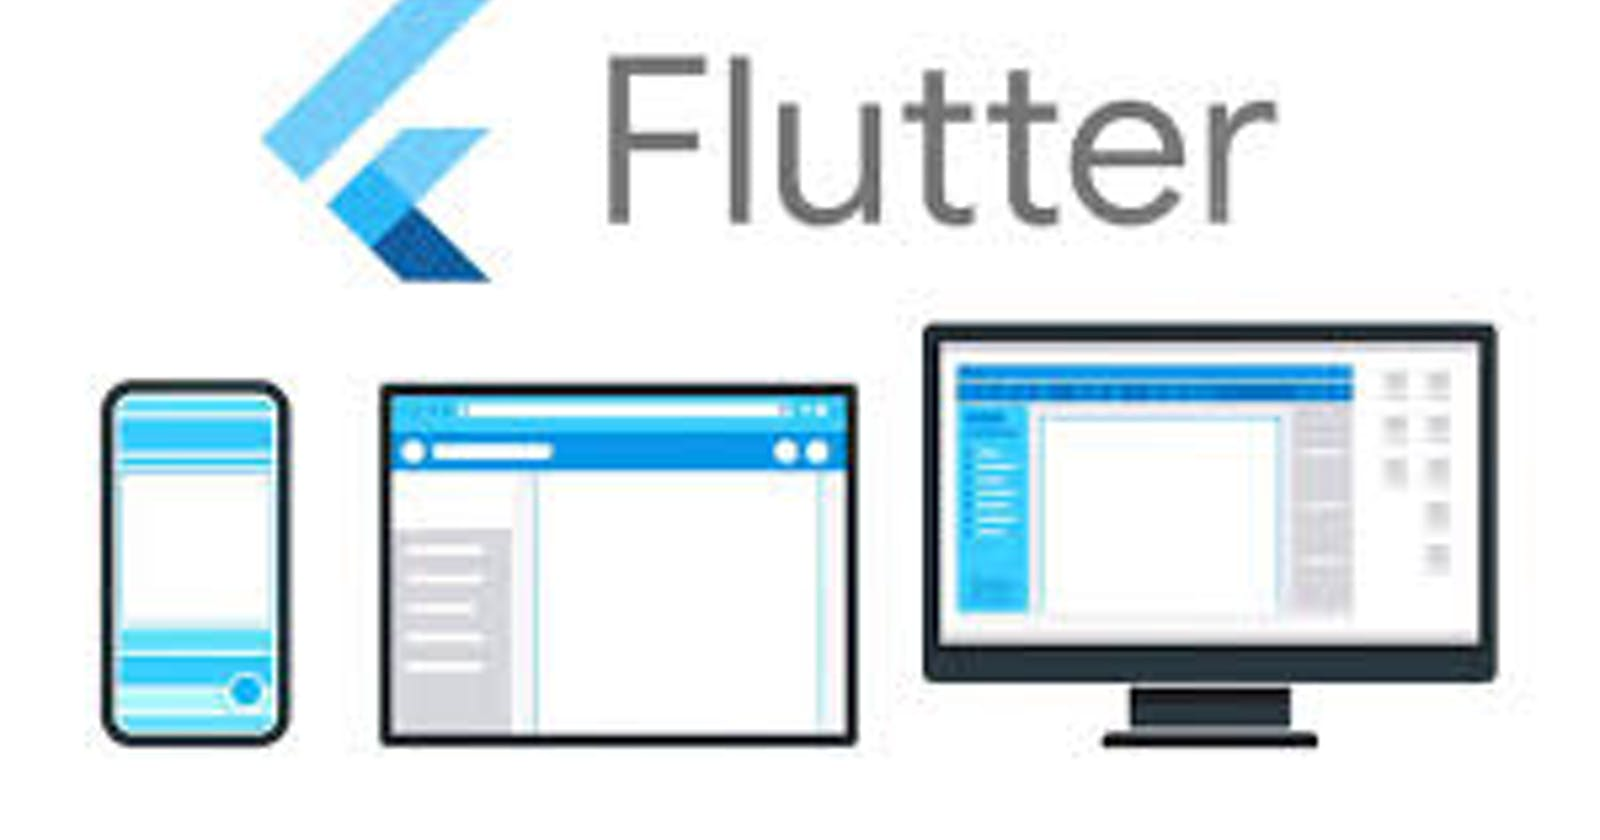 Empezando a programar apps multi-dispositivo con Flutter